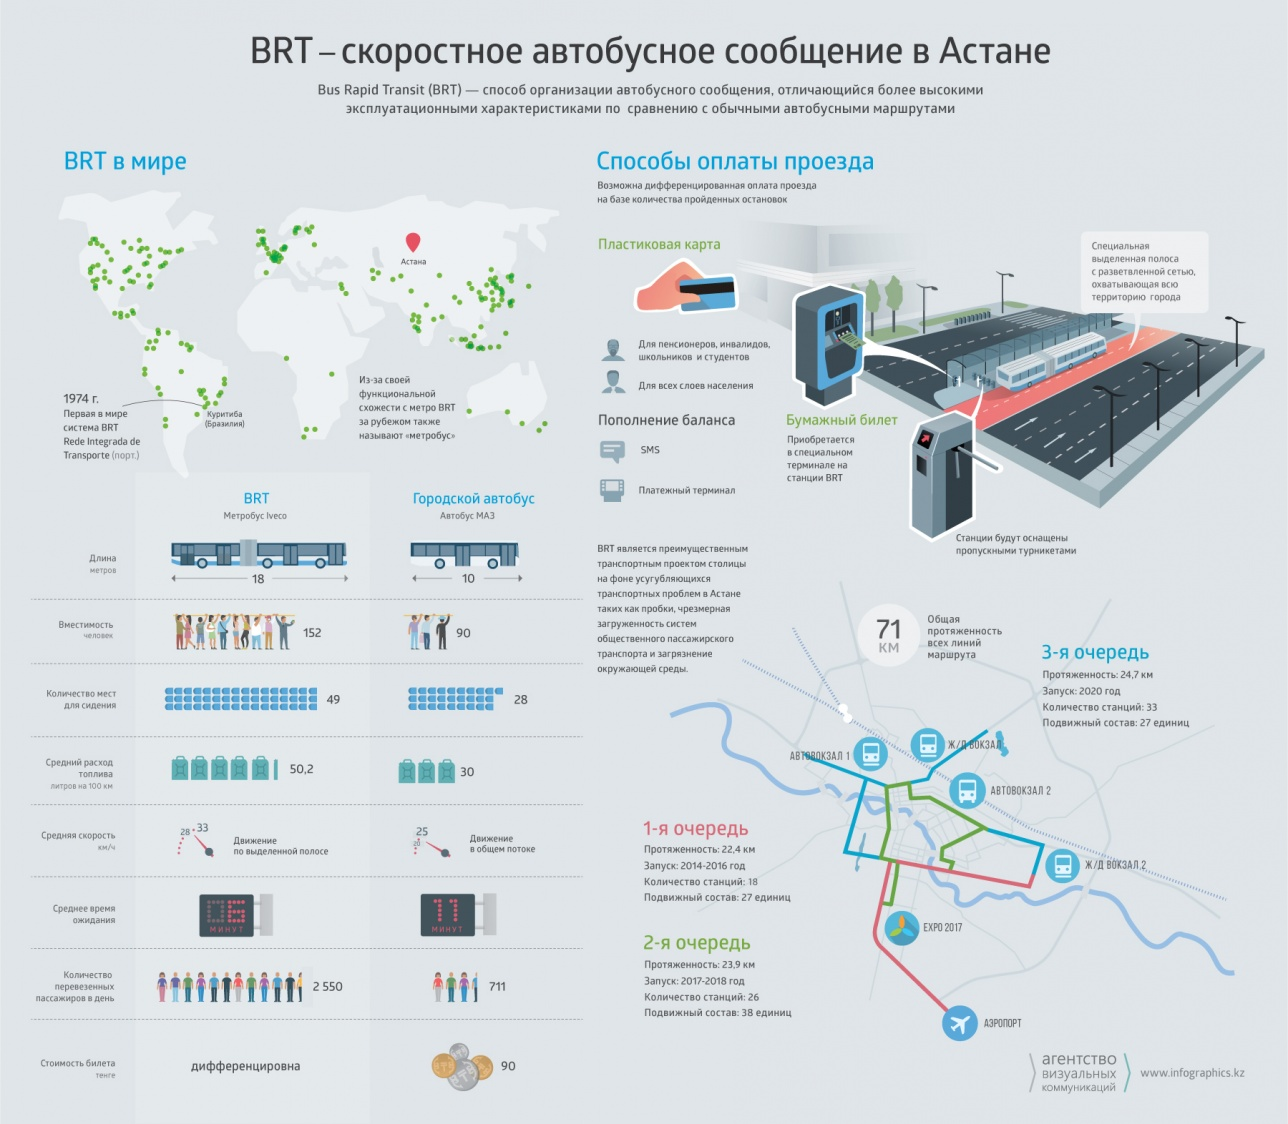 Инфографика, описывающая БРТ в Астане